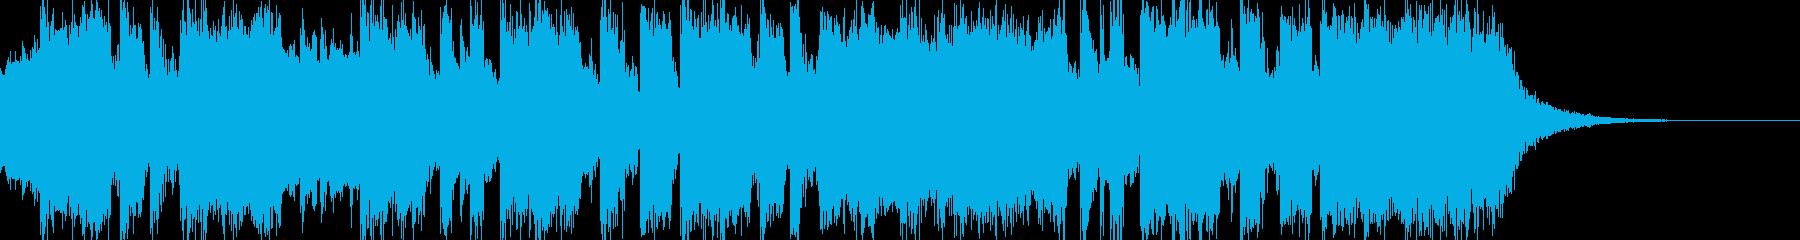 ニュースに合いそうな曲調の再生済みの波形